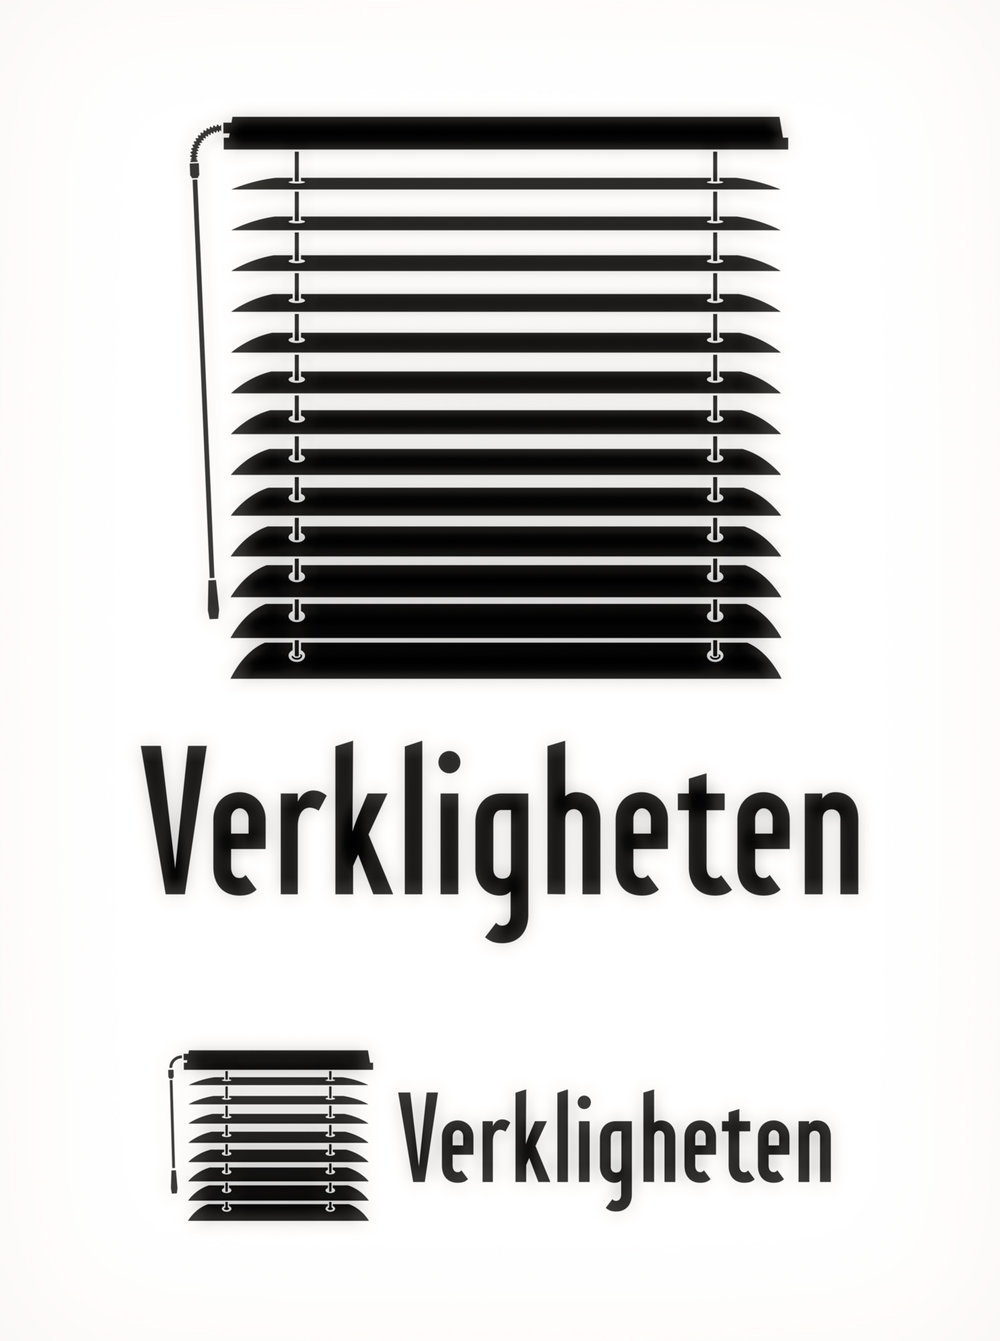 Verkligheten logotyp